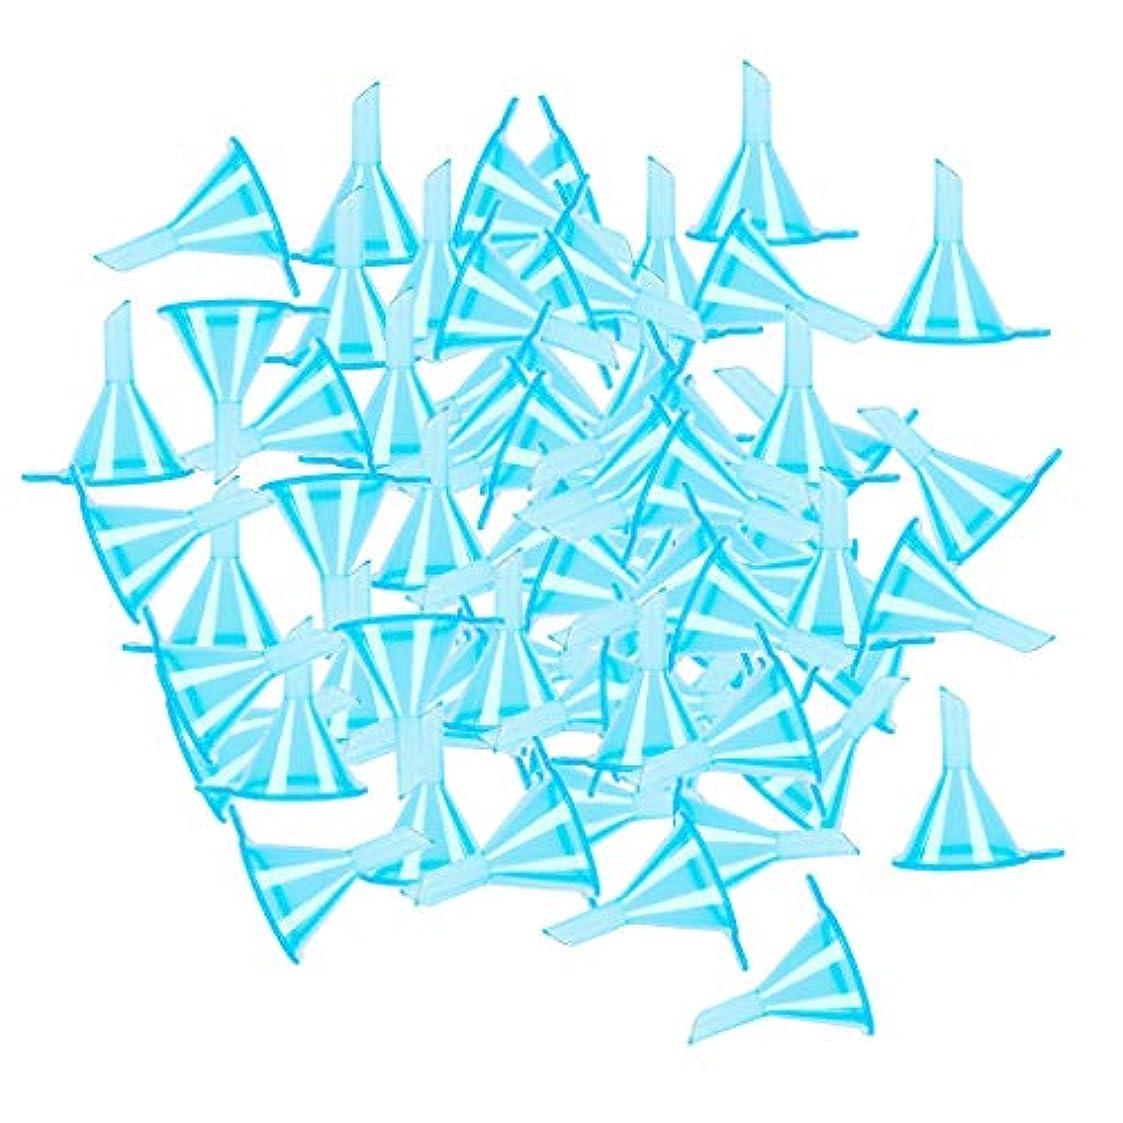 着る灌漑甘くする100個入り 小分けツール ミニ ファンネル エッセンシャルオイル 液体 香水用 全3色 - ブルー